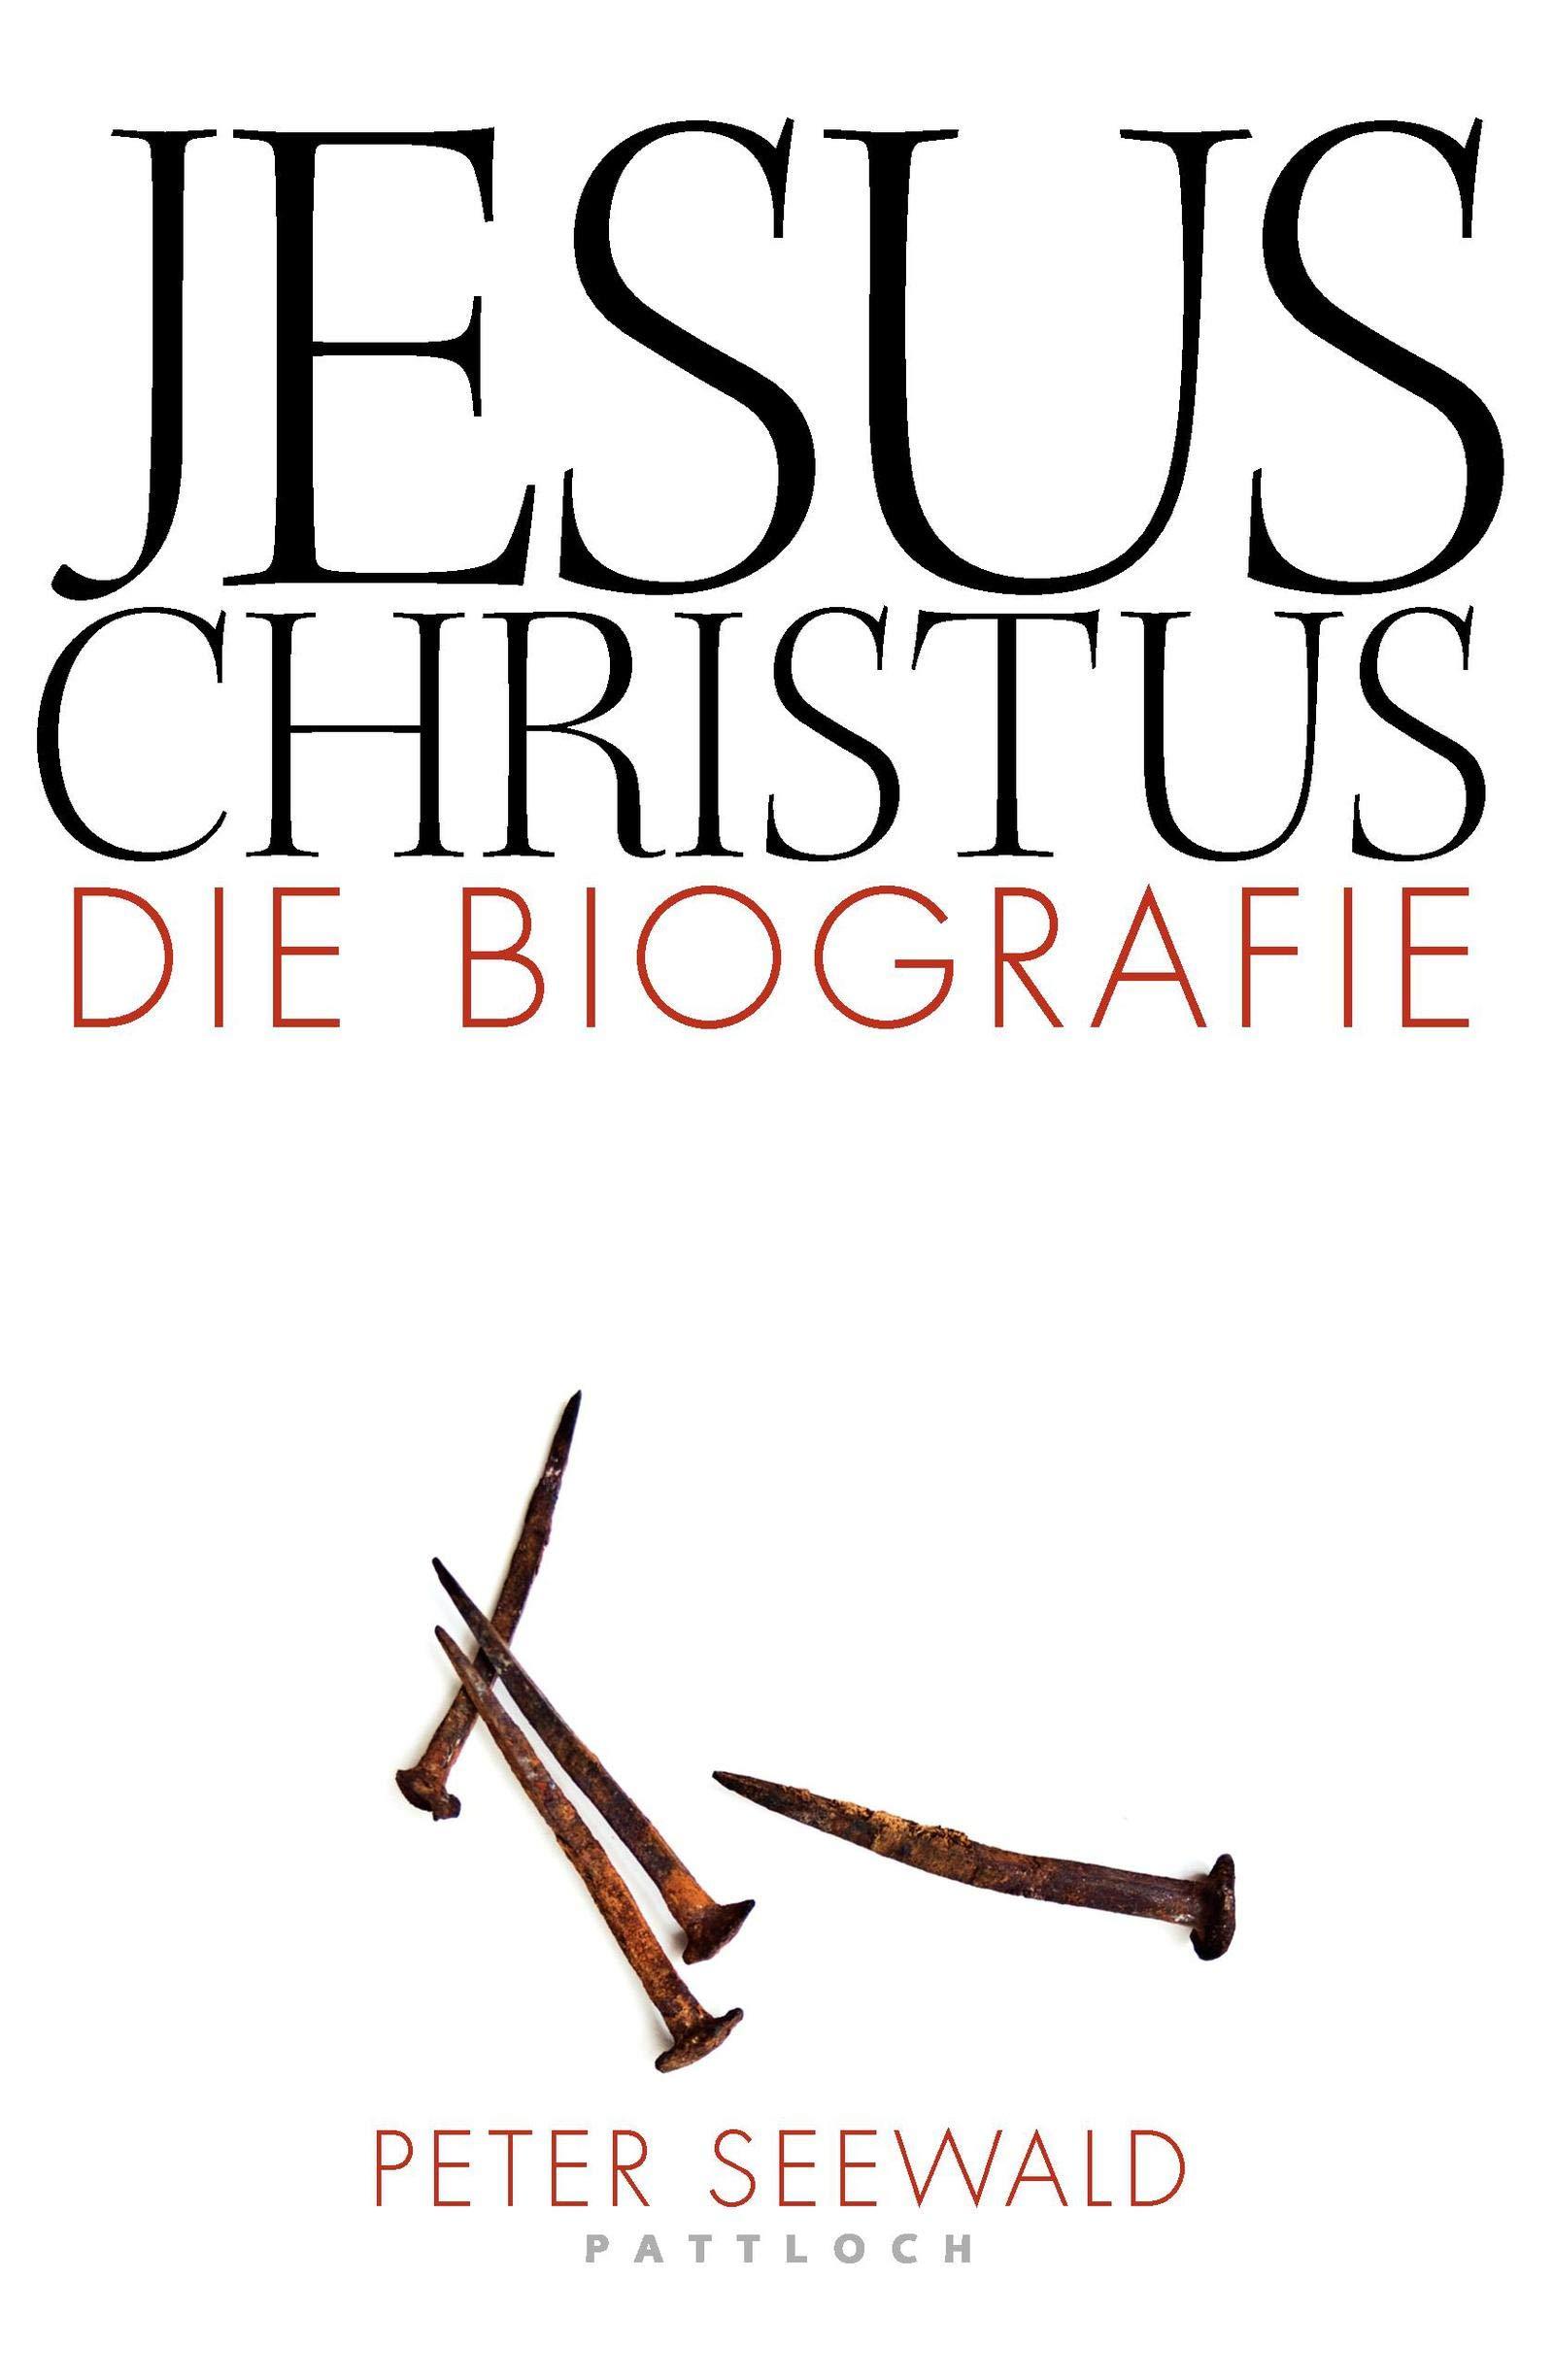 Jesus In Der Wuste 3 Lebenslauf Beispiele 11